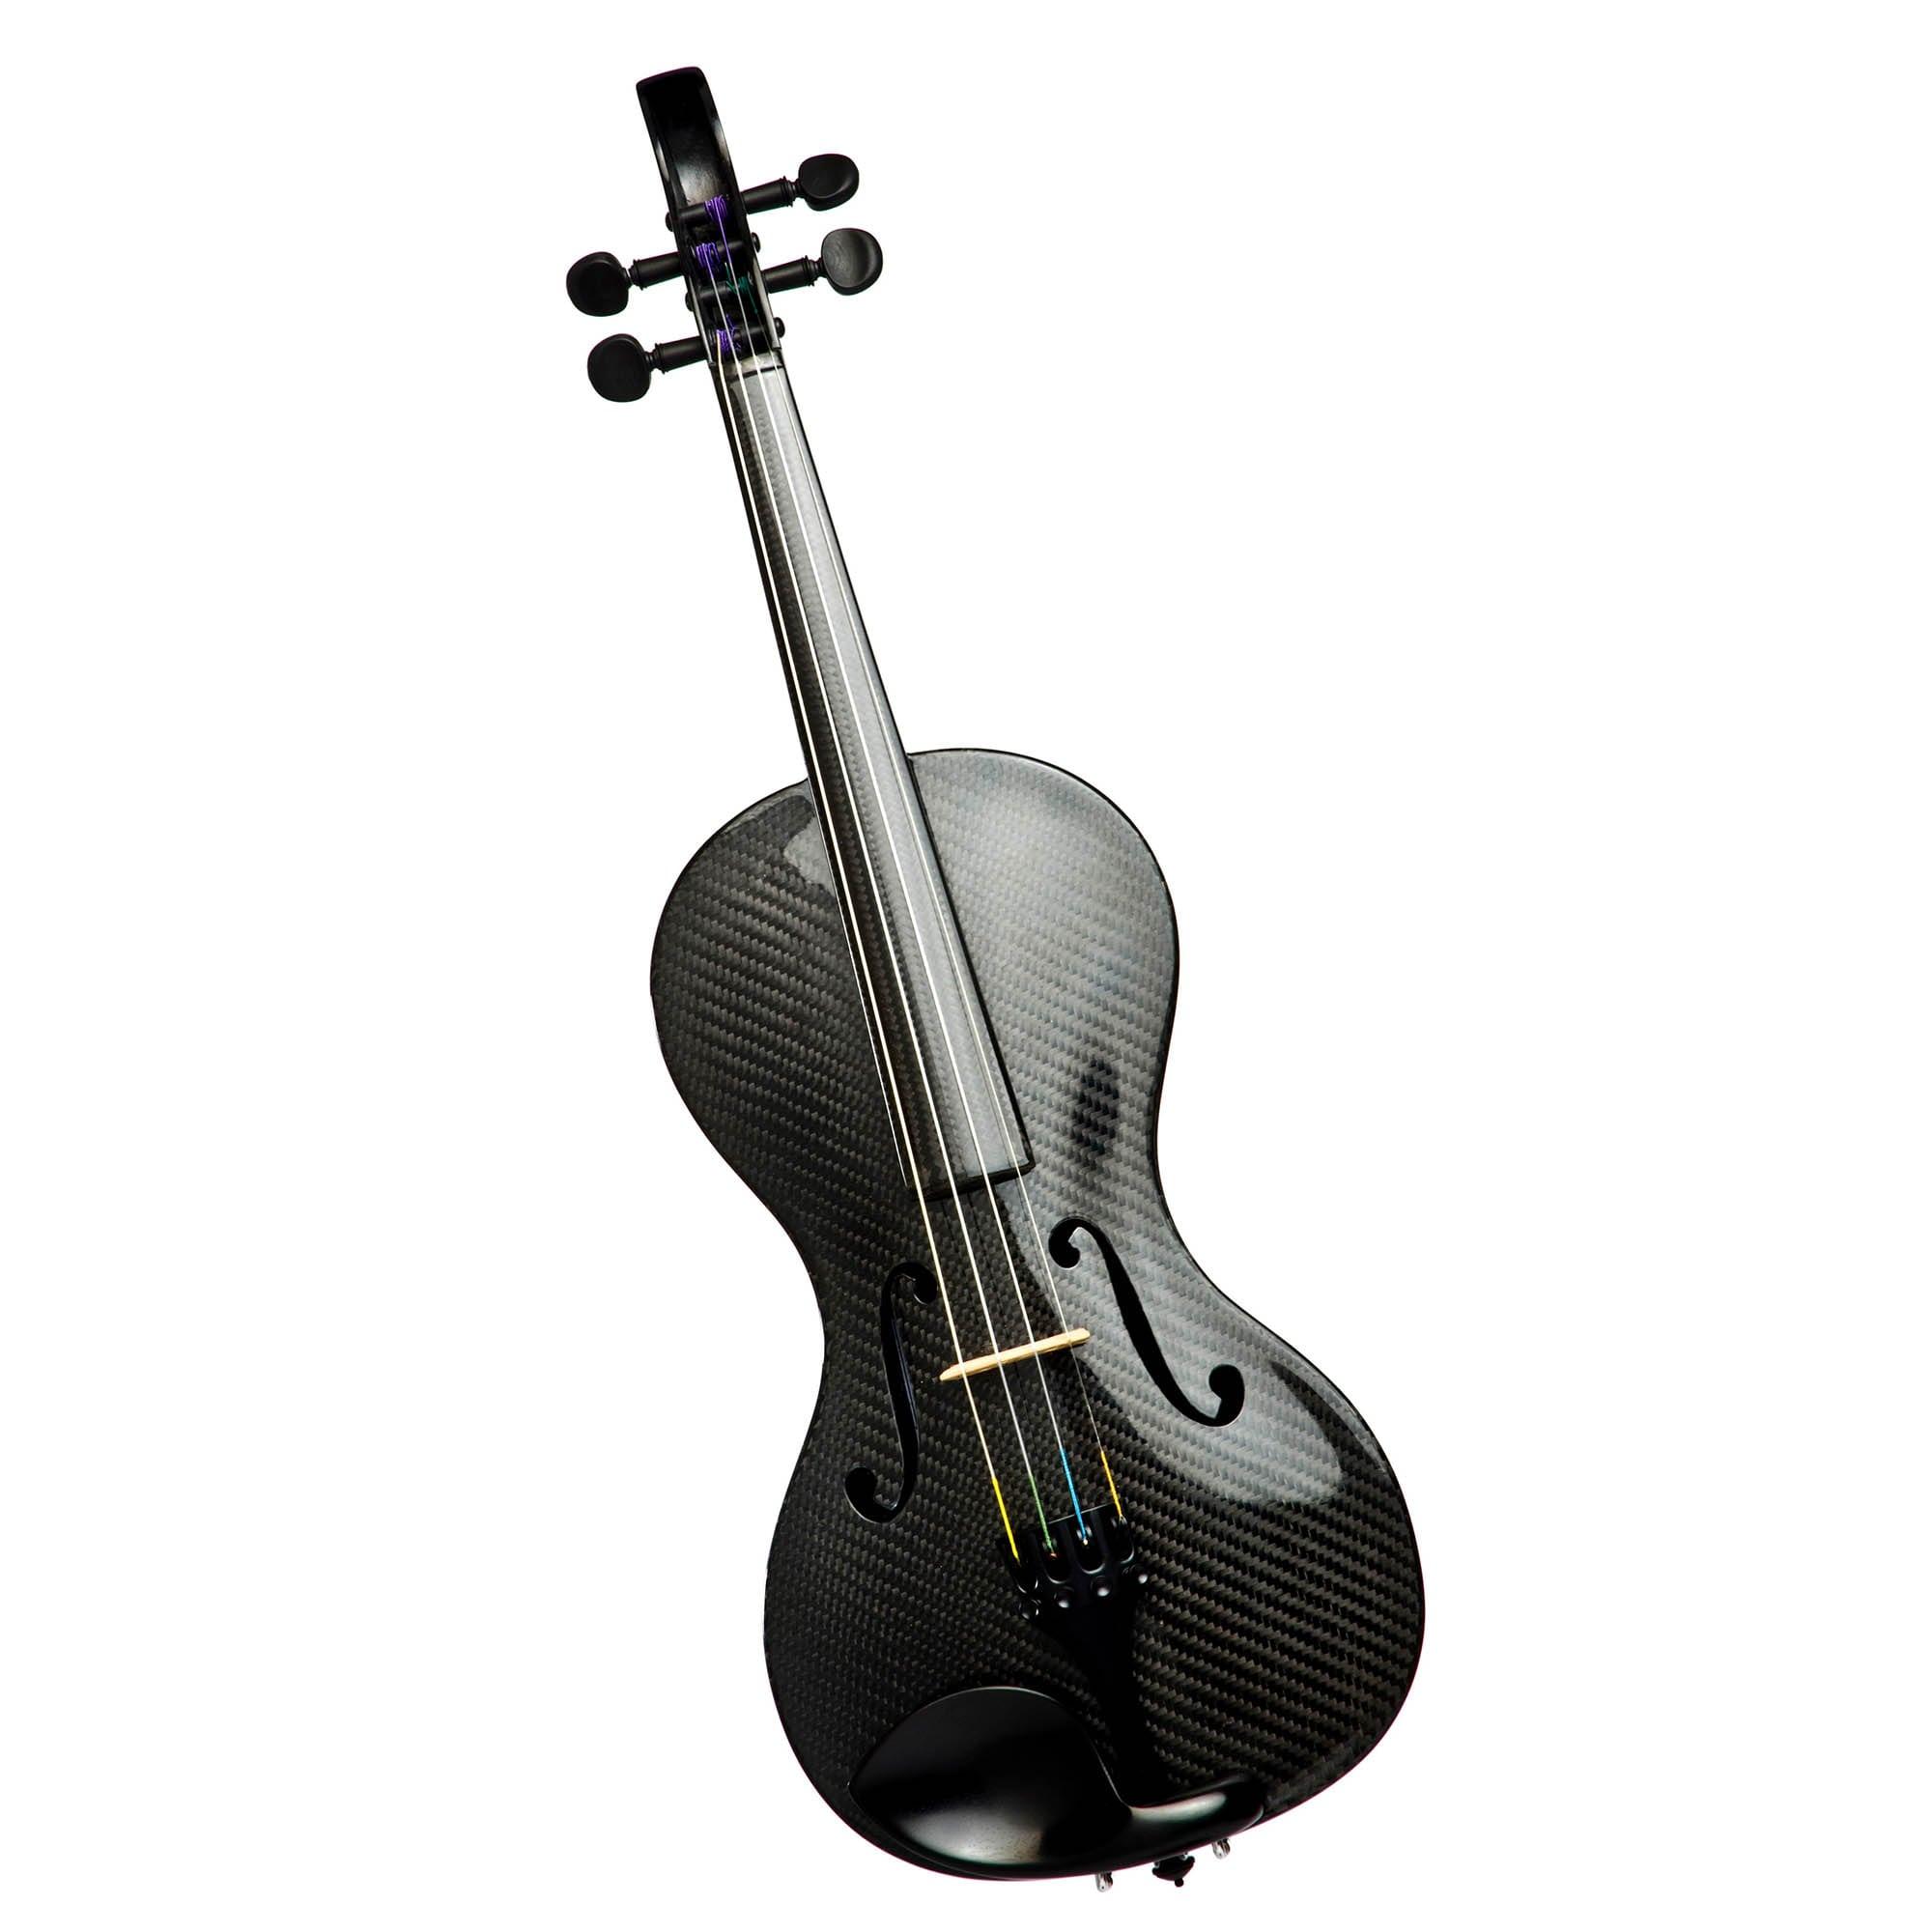 carbon fiber violin luis clark instruments. Black Bedroom Furniture Sets. Home Design Ideas